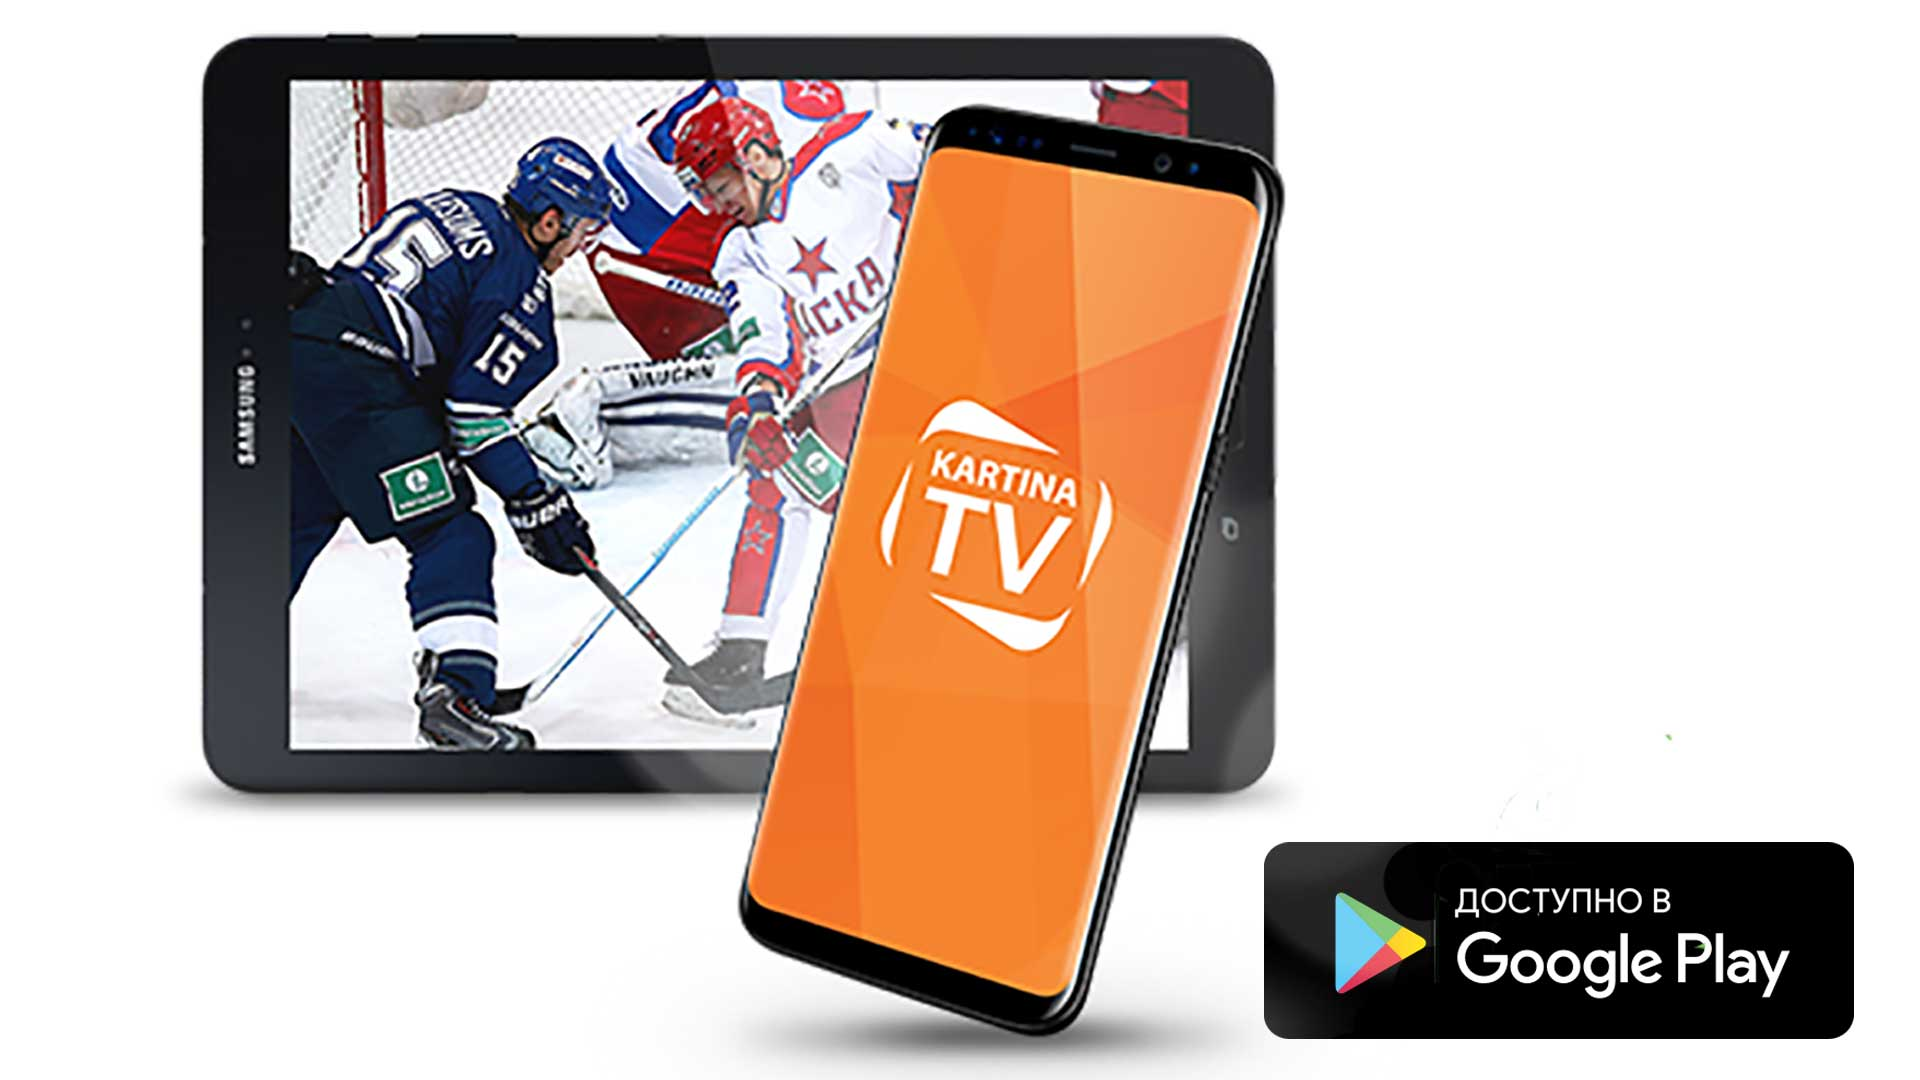 Загрузите приложение Kartina TV в Google Play Store